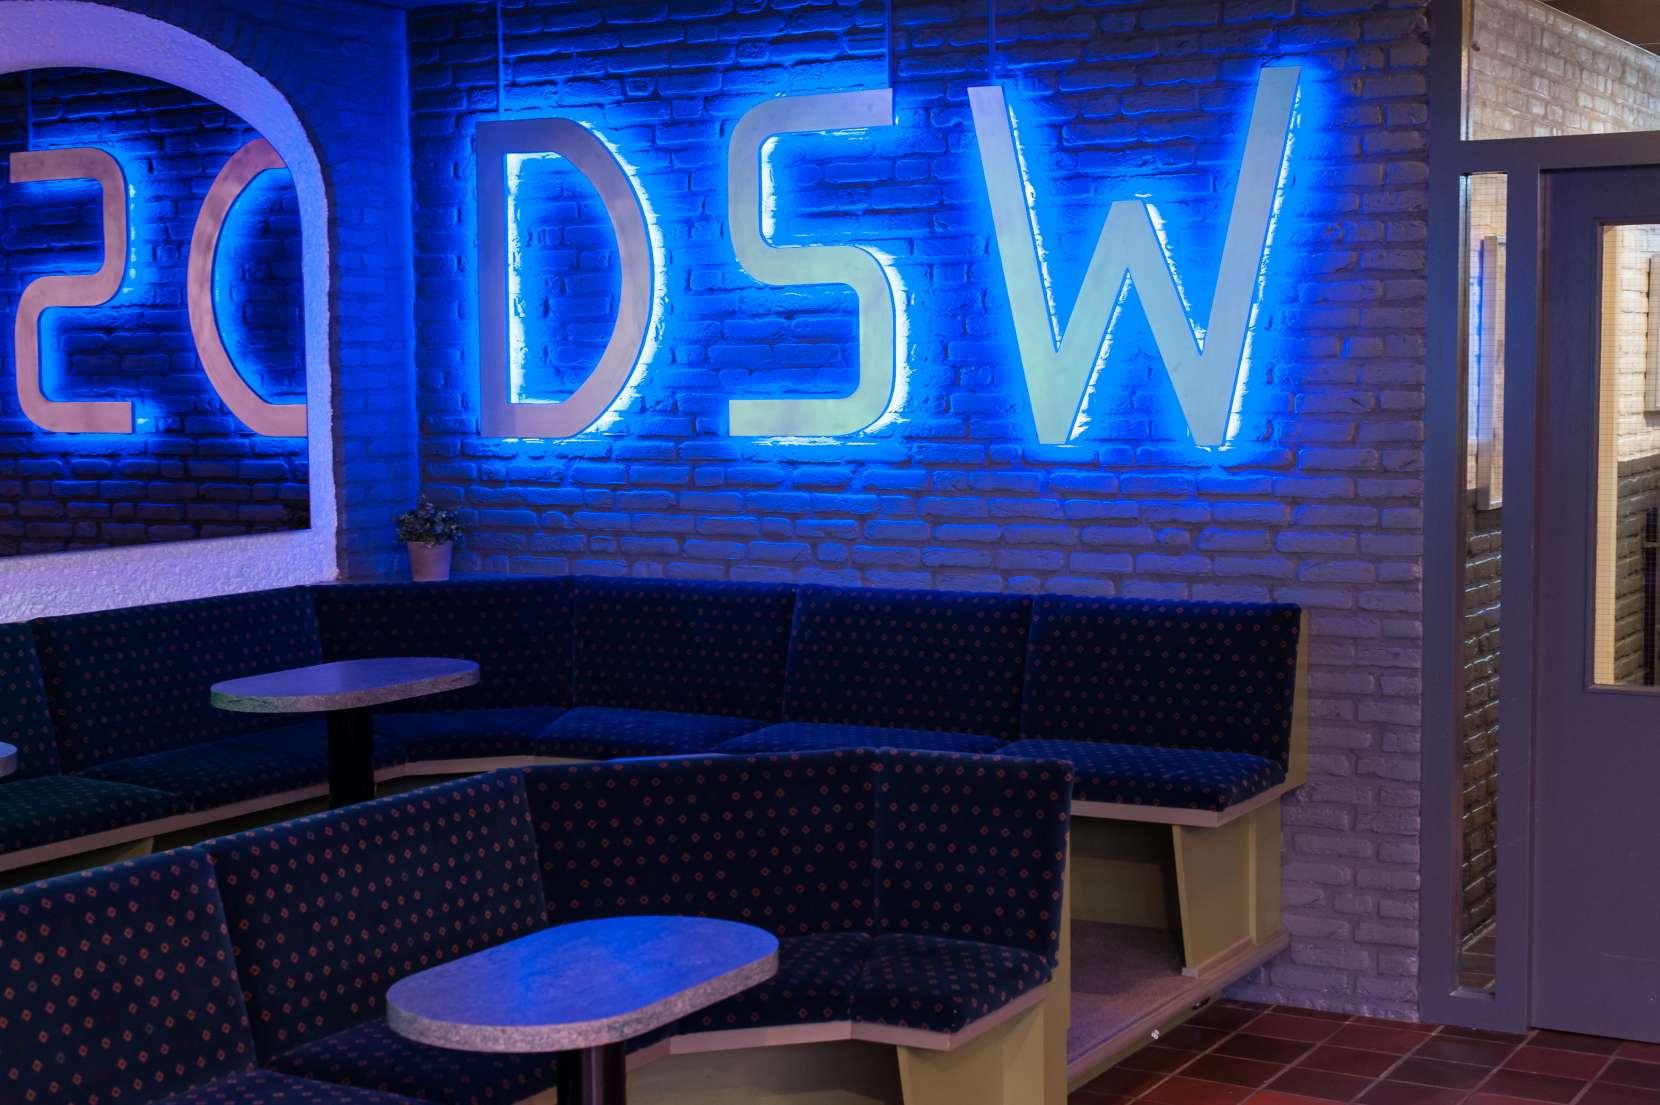 logo-DSW-1-1660x1105.jpg